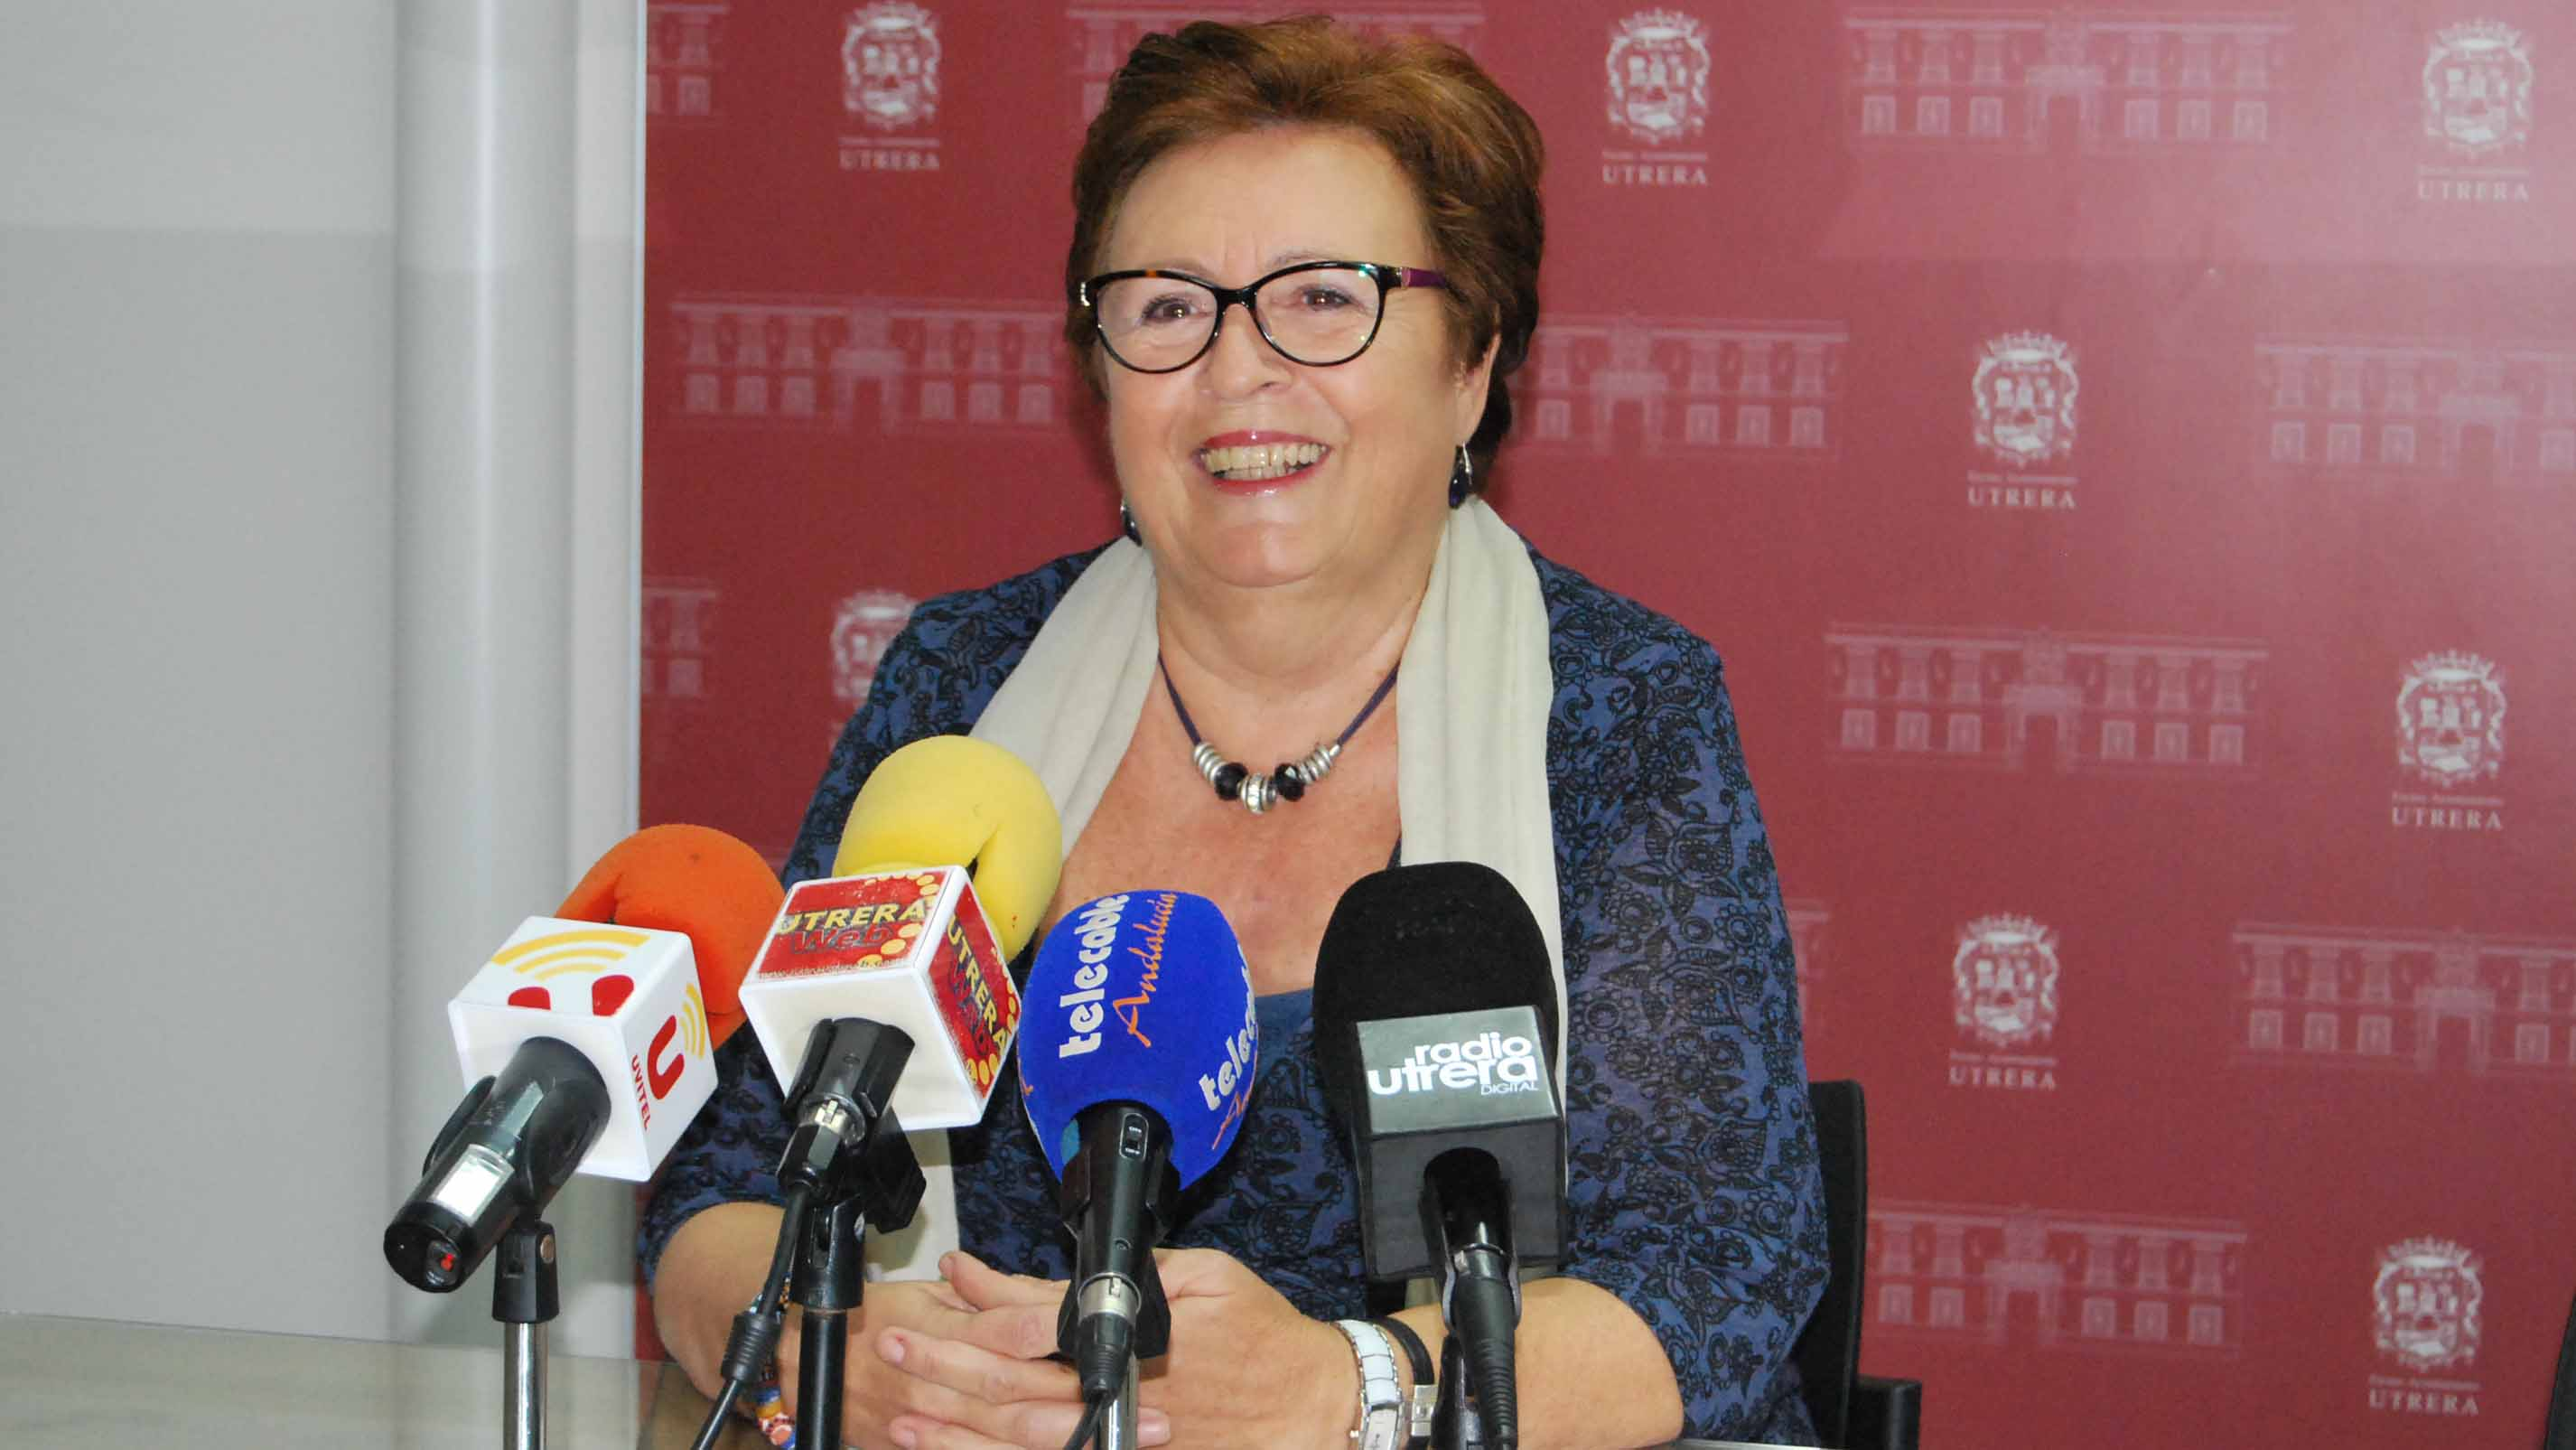 La utrerana María Dolores Pascual